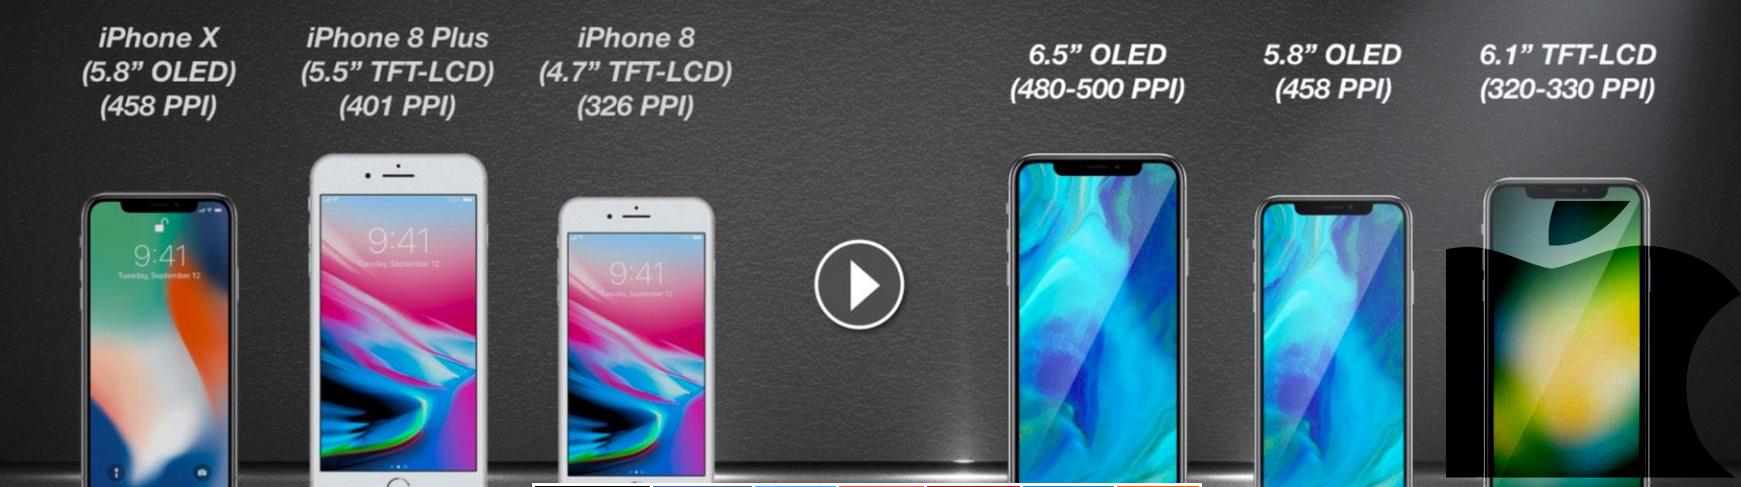 Tres nuevos modelos de iPhone X en 2018